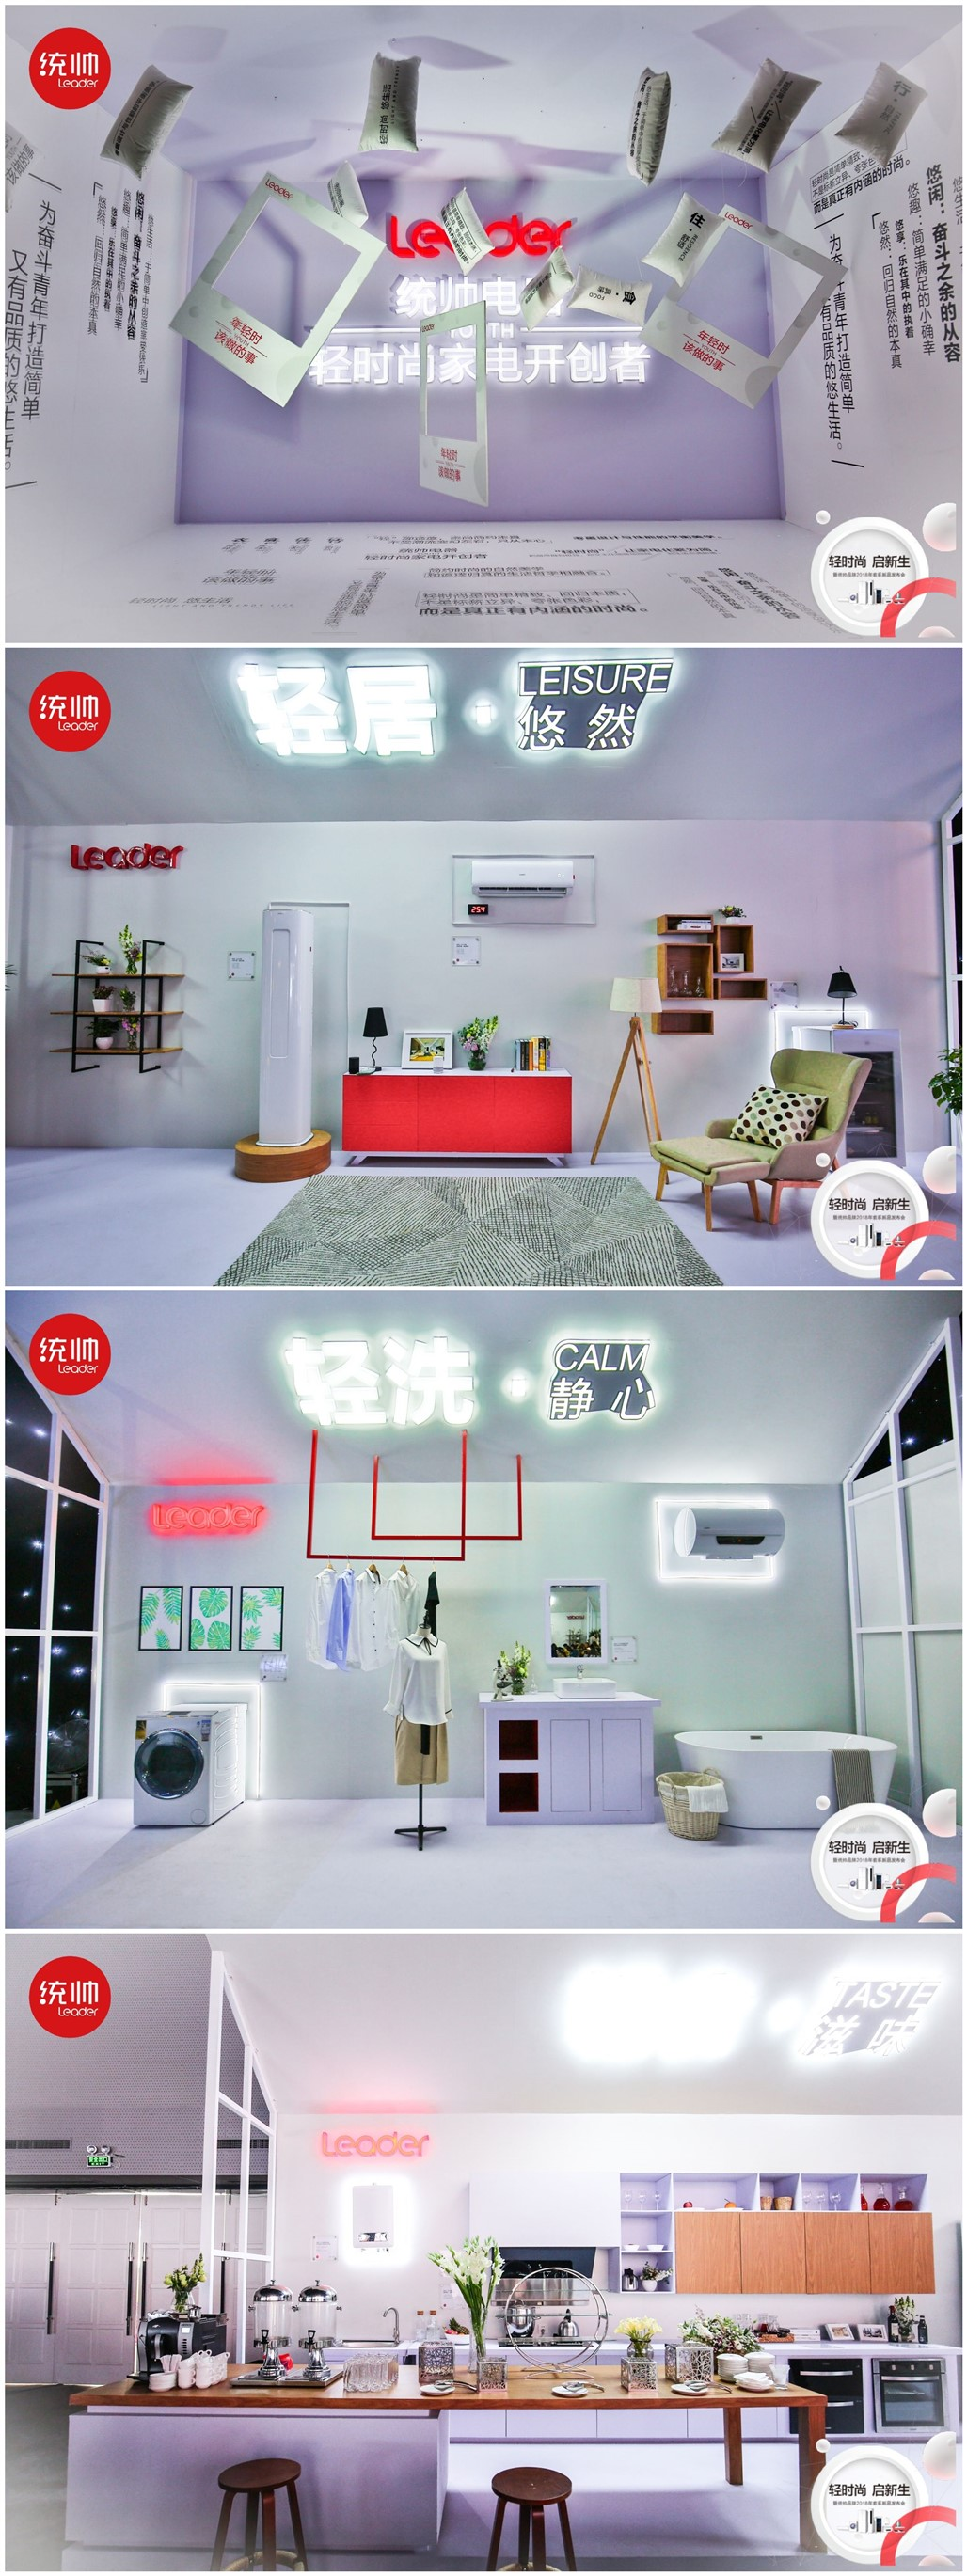 在统帅新品体验区,格调一致的冰箱、空调、热水器、洗衣机、厨电、冷柜等全品类产品齐聚体验厅,组成了简约而时尚的生活场景,给人带来强烈的视觉冲击。